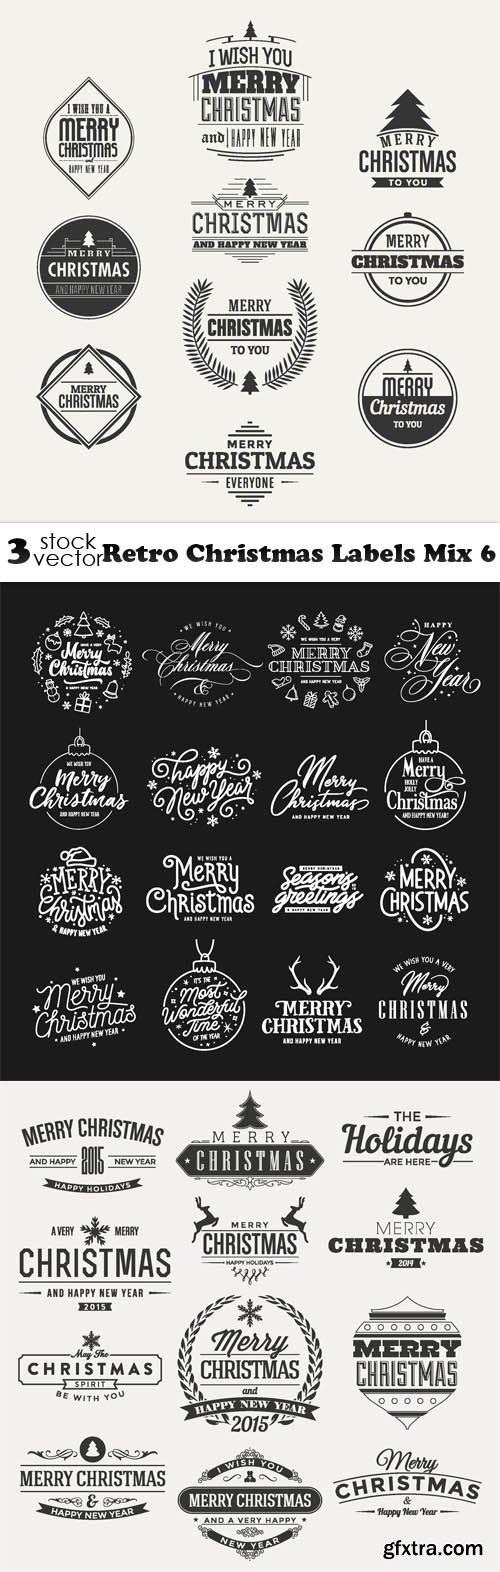 Vectors - Retro Christmas Labels Mix 6